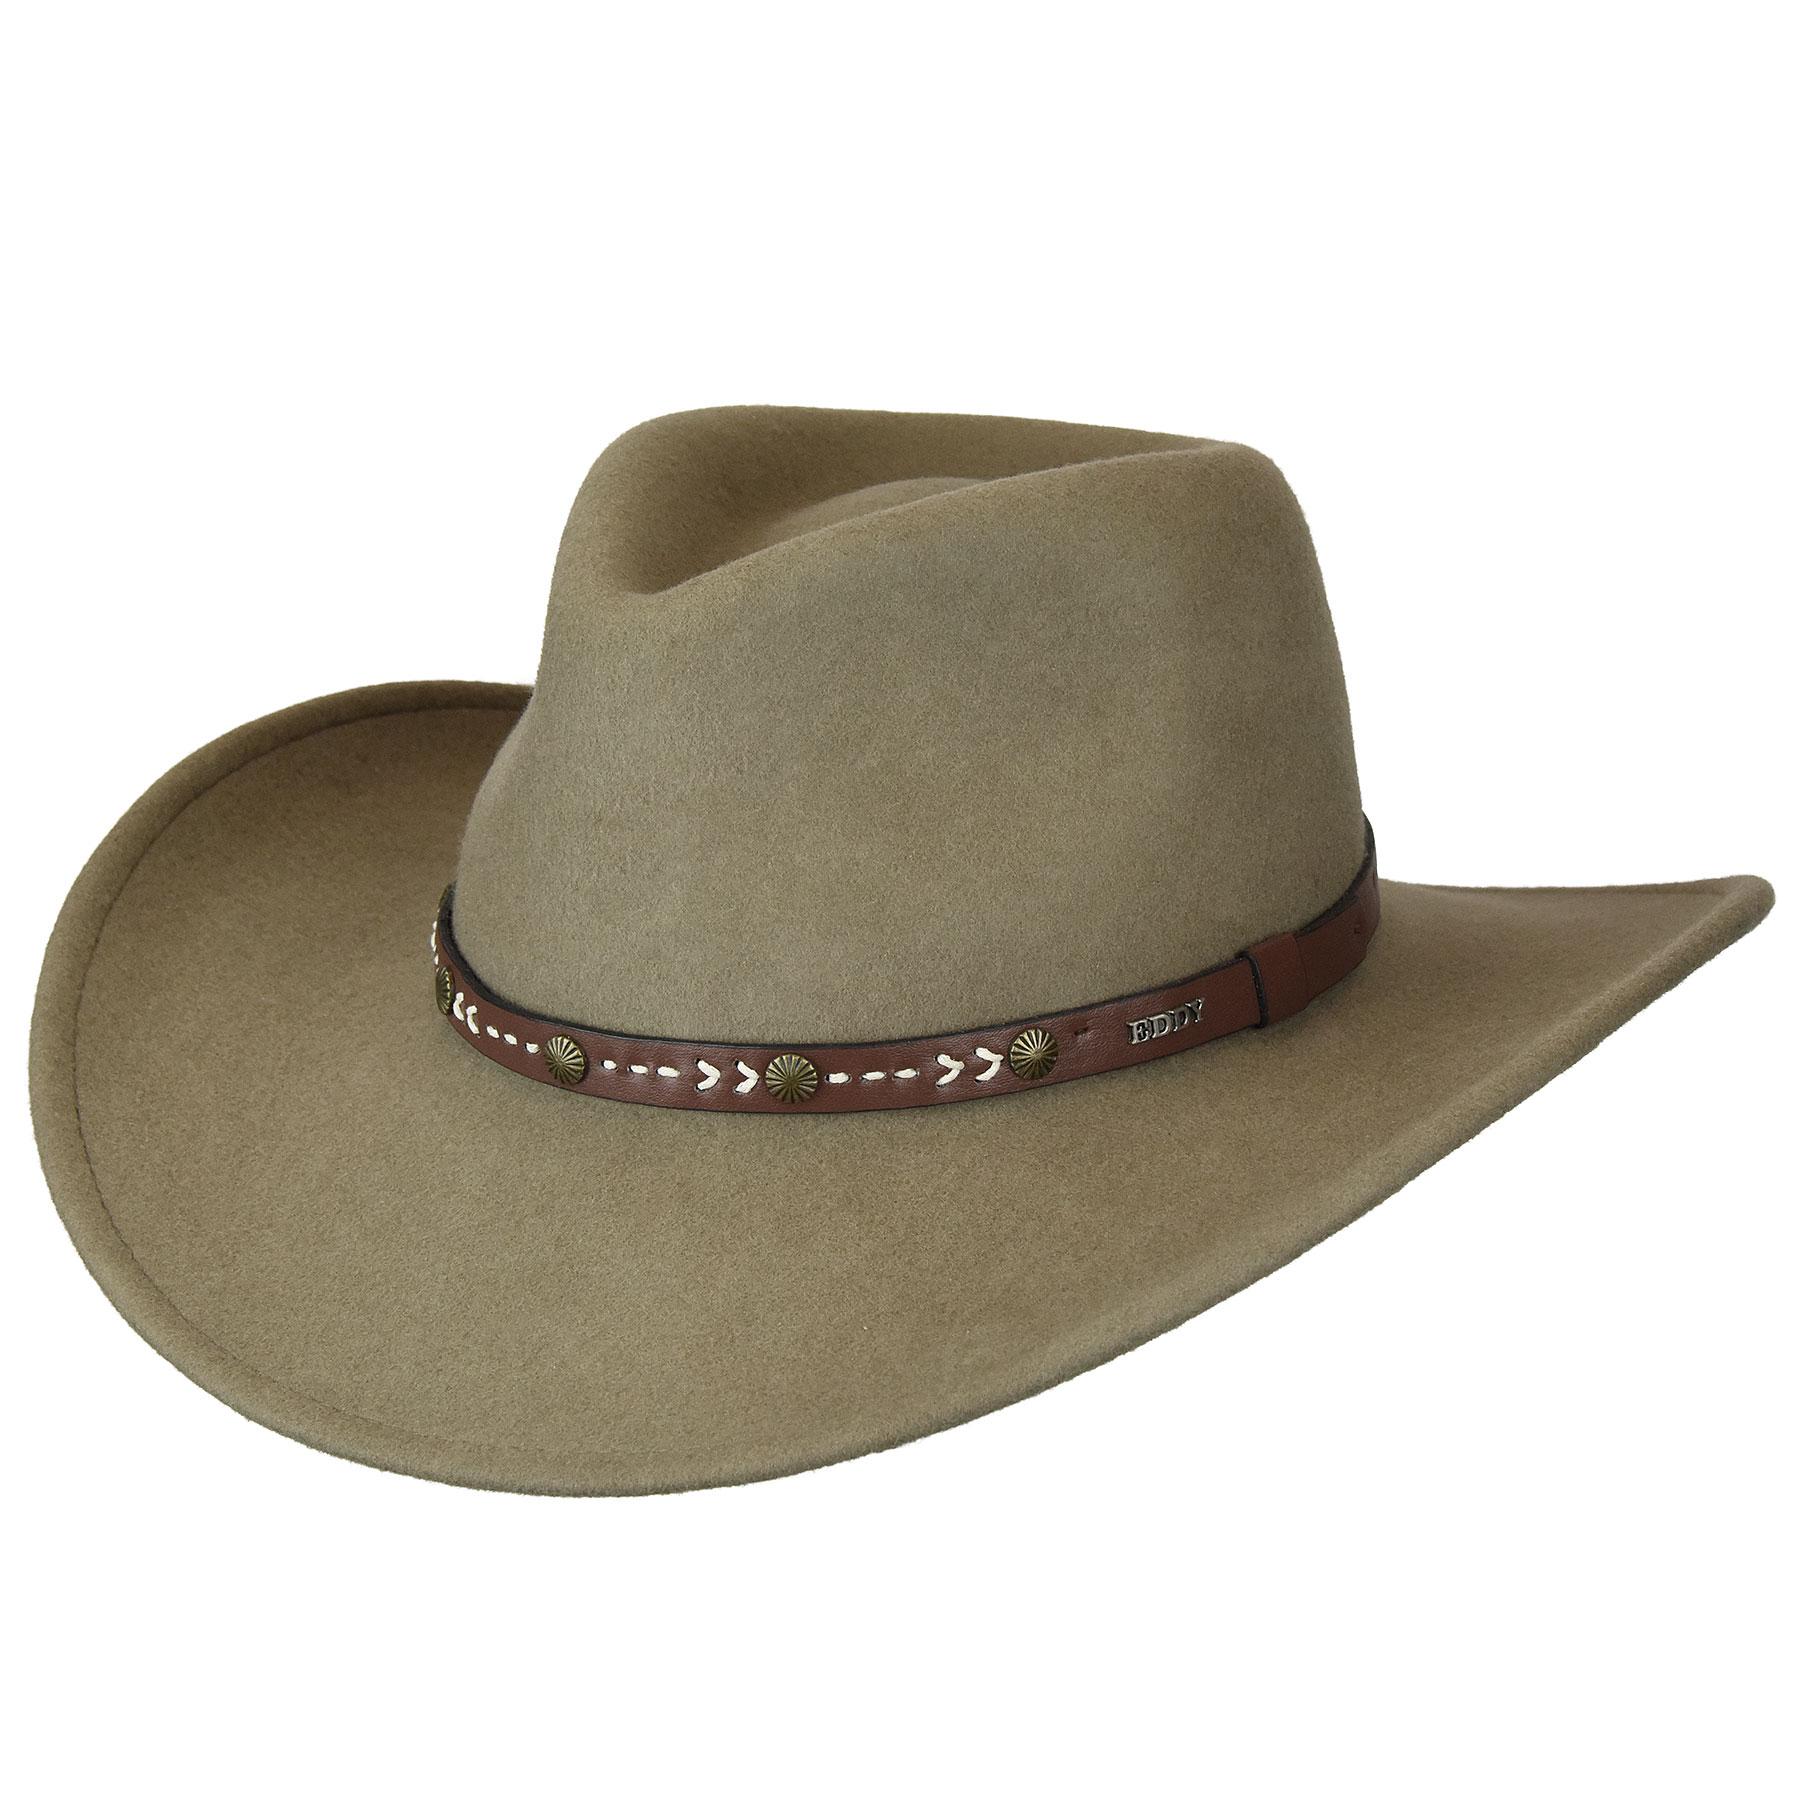 Eddy Bros. Knox Outback